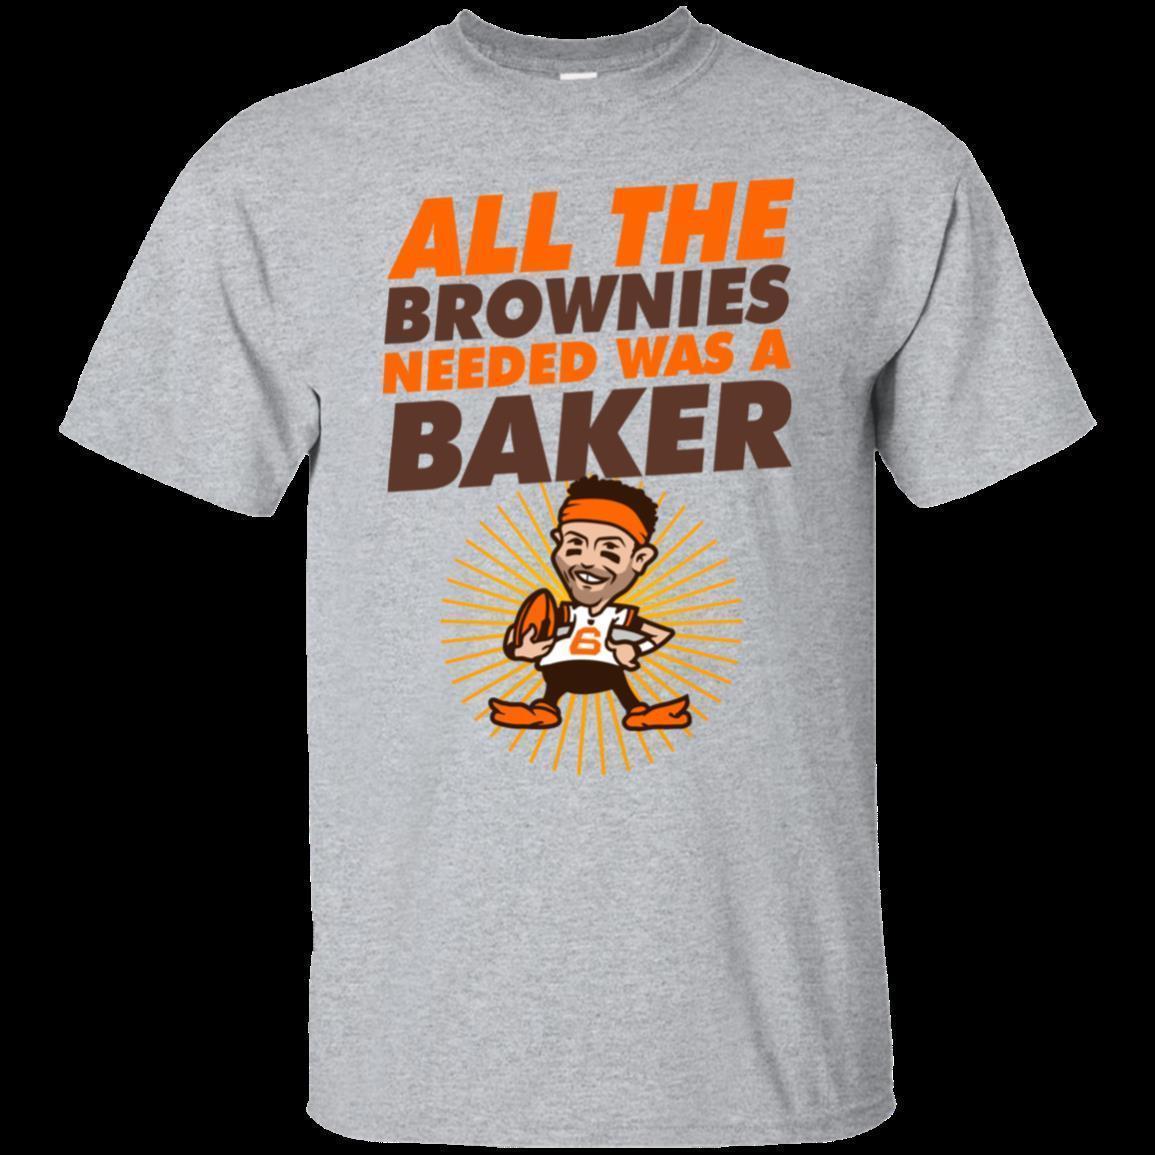 baker mayfield shirt